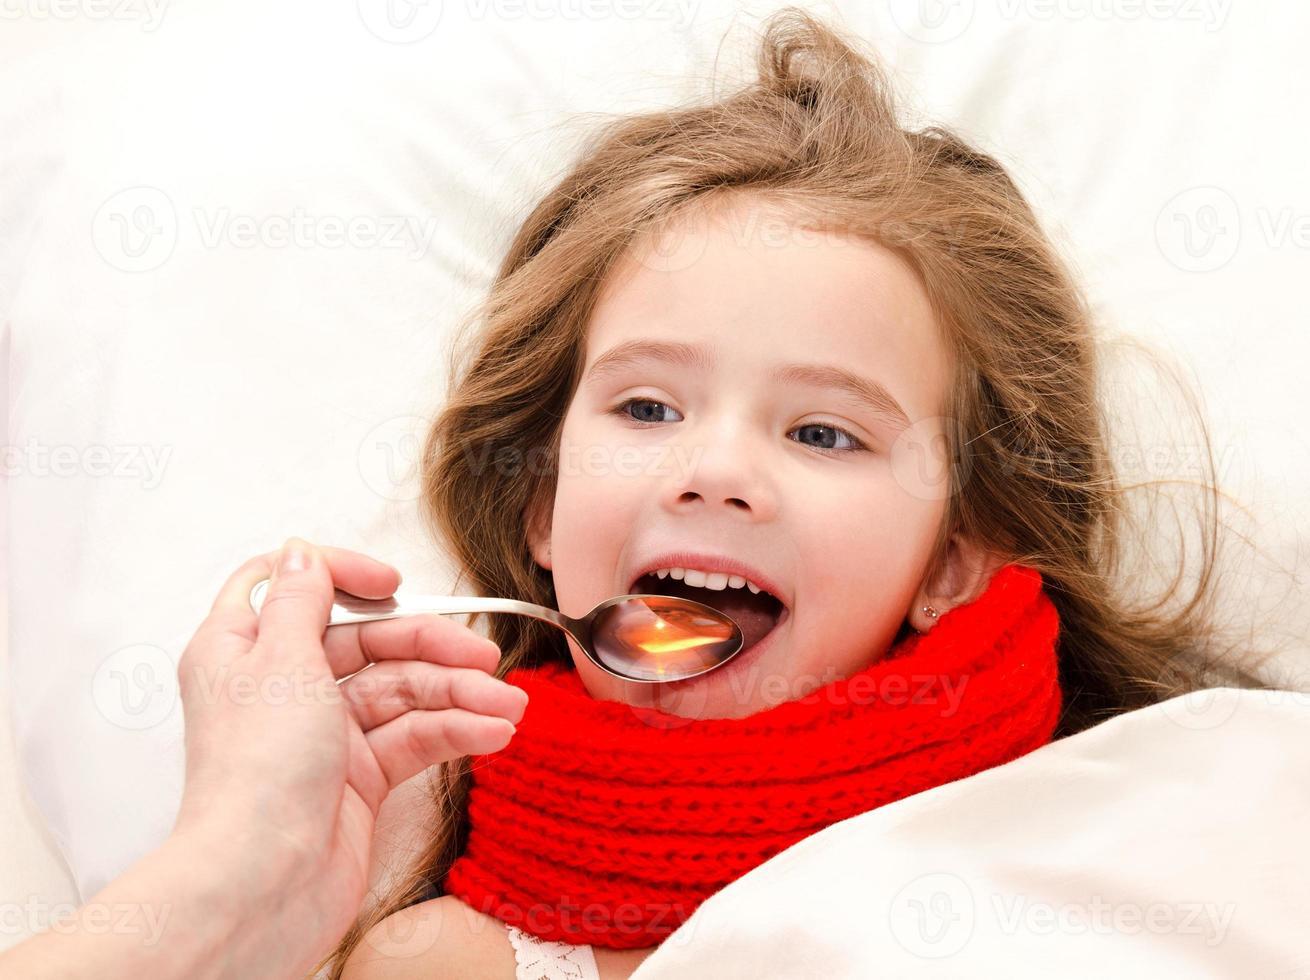 bambina a letto prendendo medicine con un cucchiaio foto